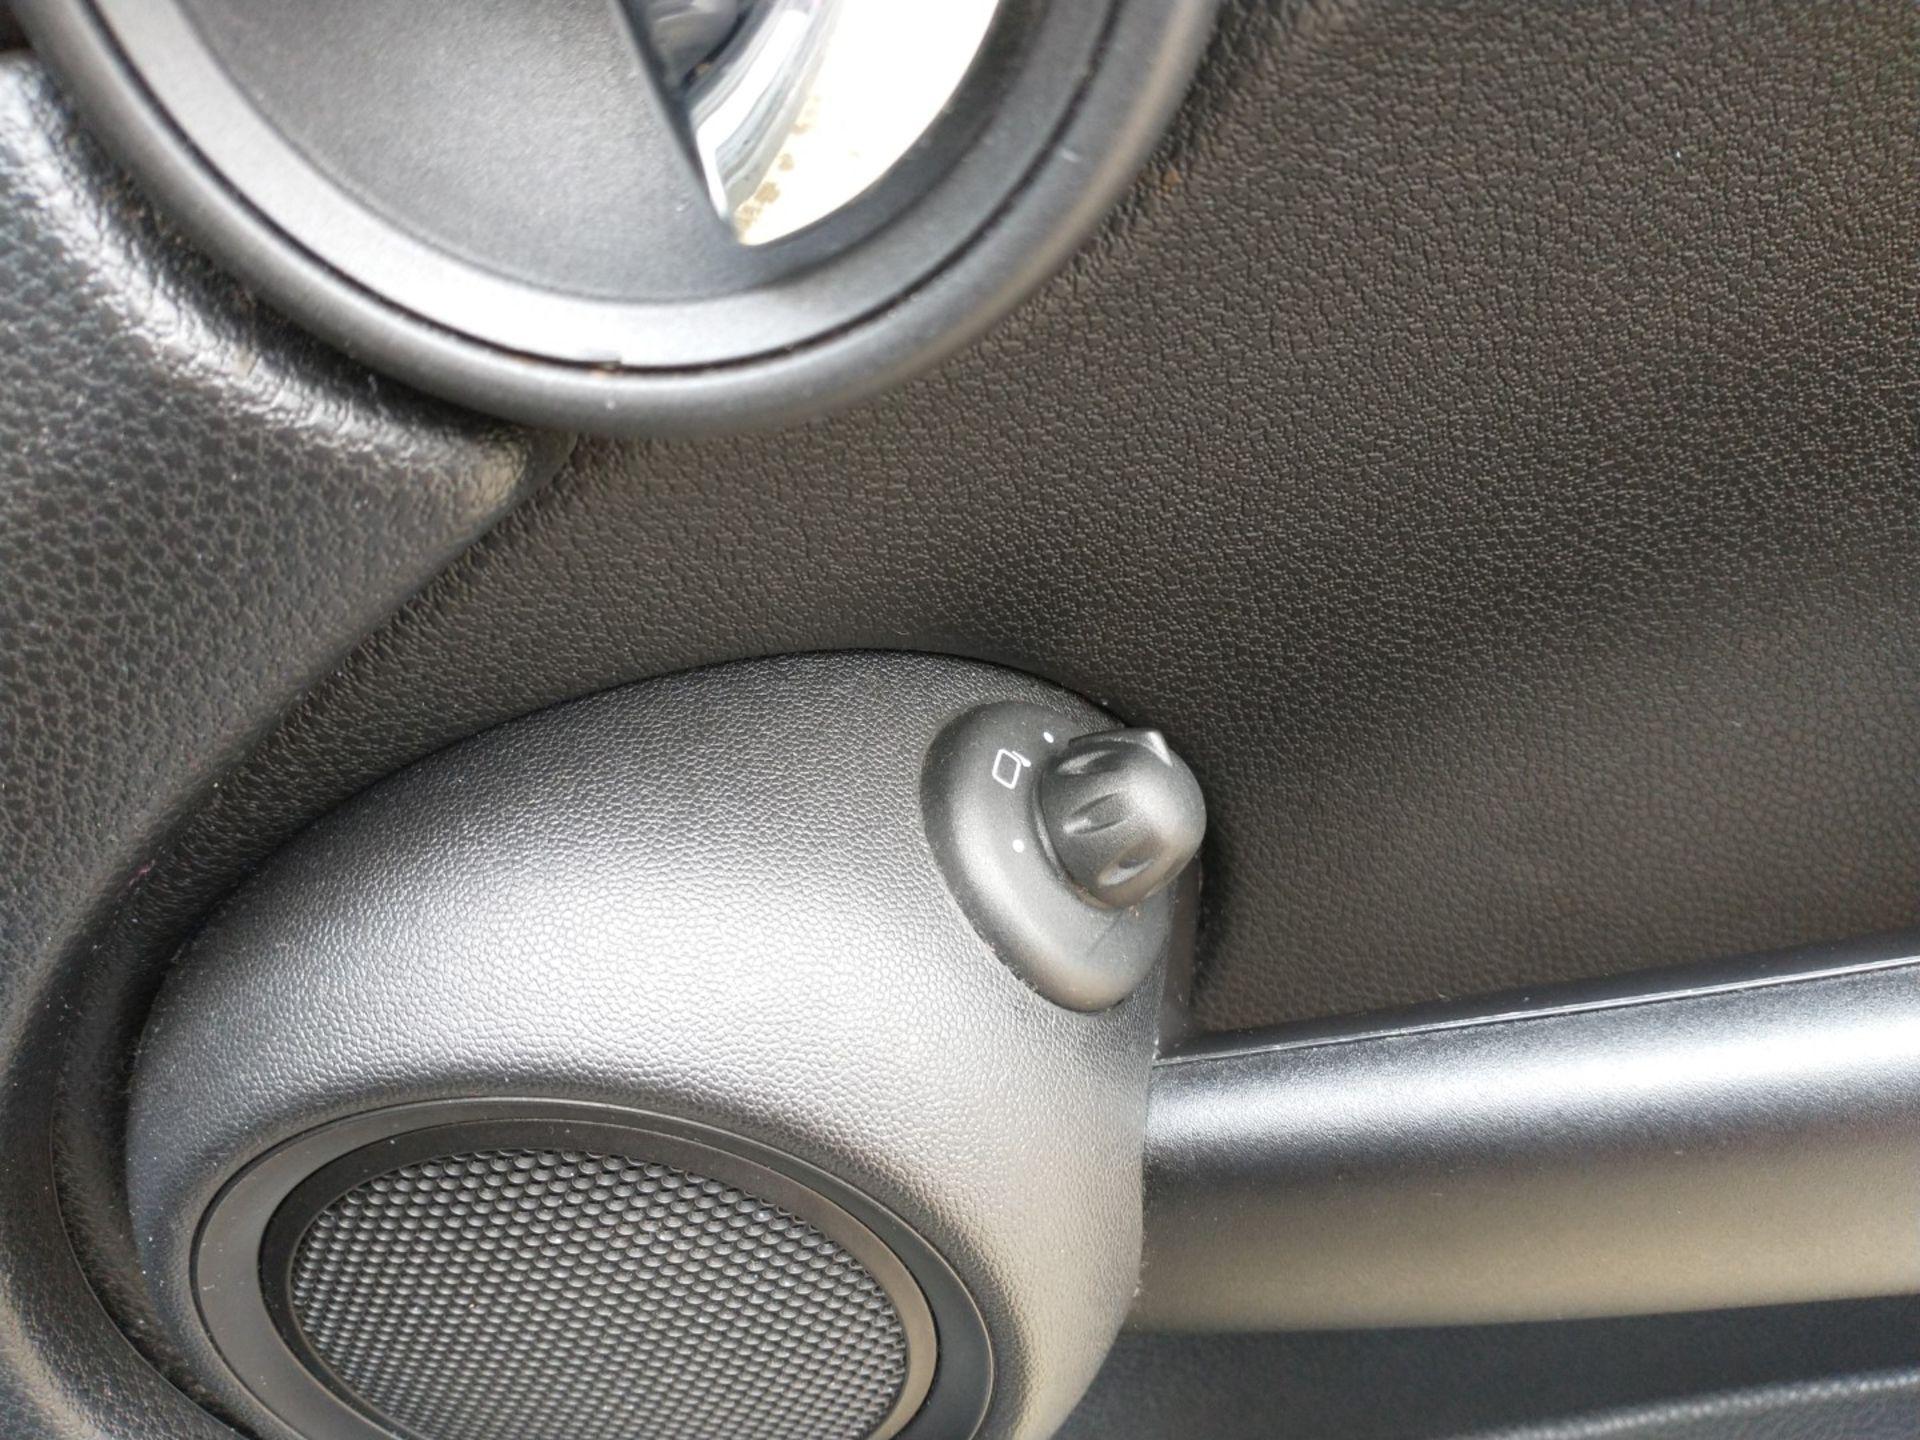 2012 Mini Cooper D 1.6 3Dr Hatchback - CL505 - NO VAT ON THE HAMM - Image 15 of 15